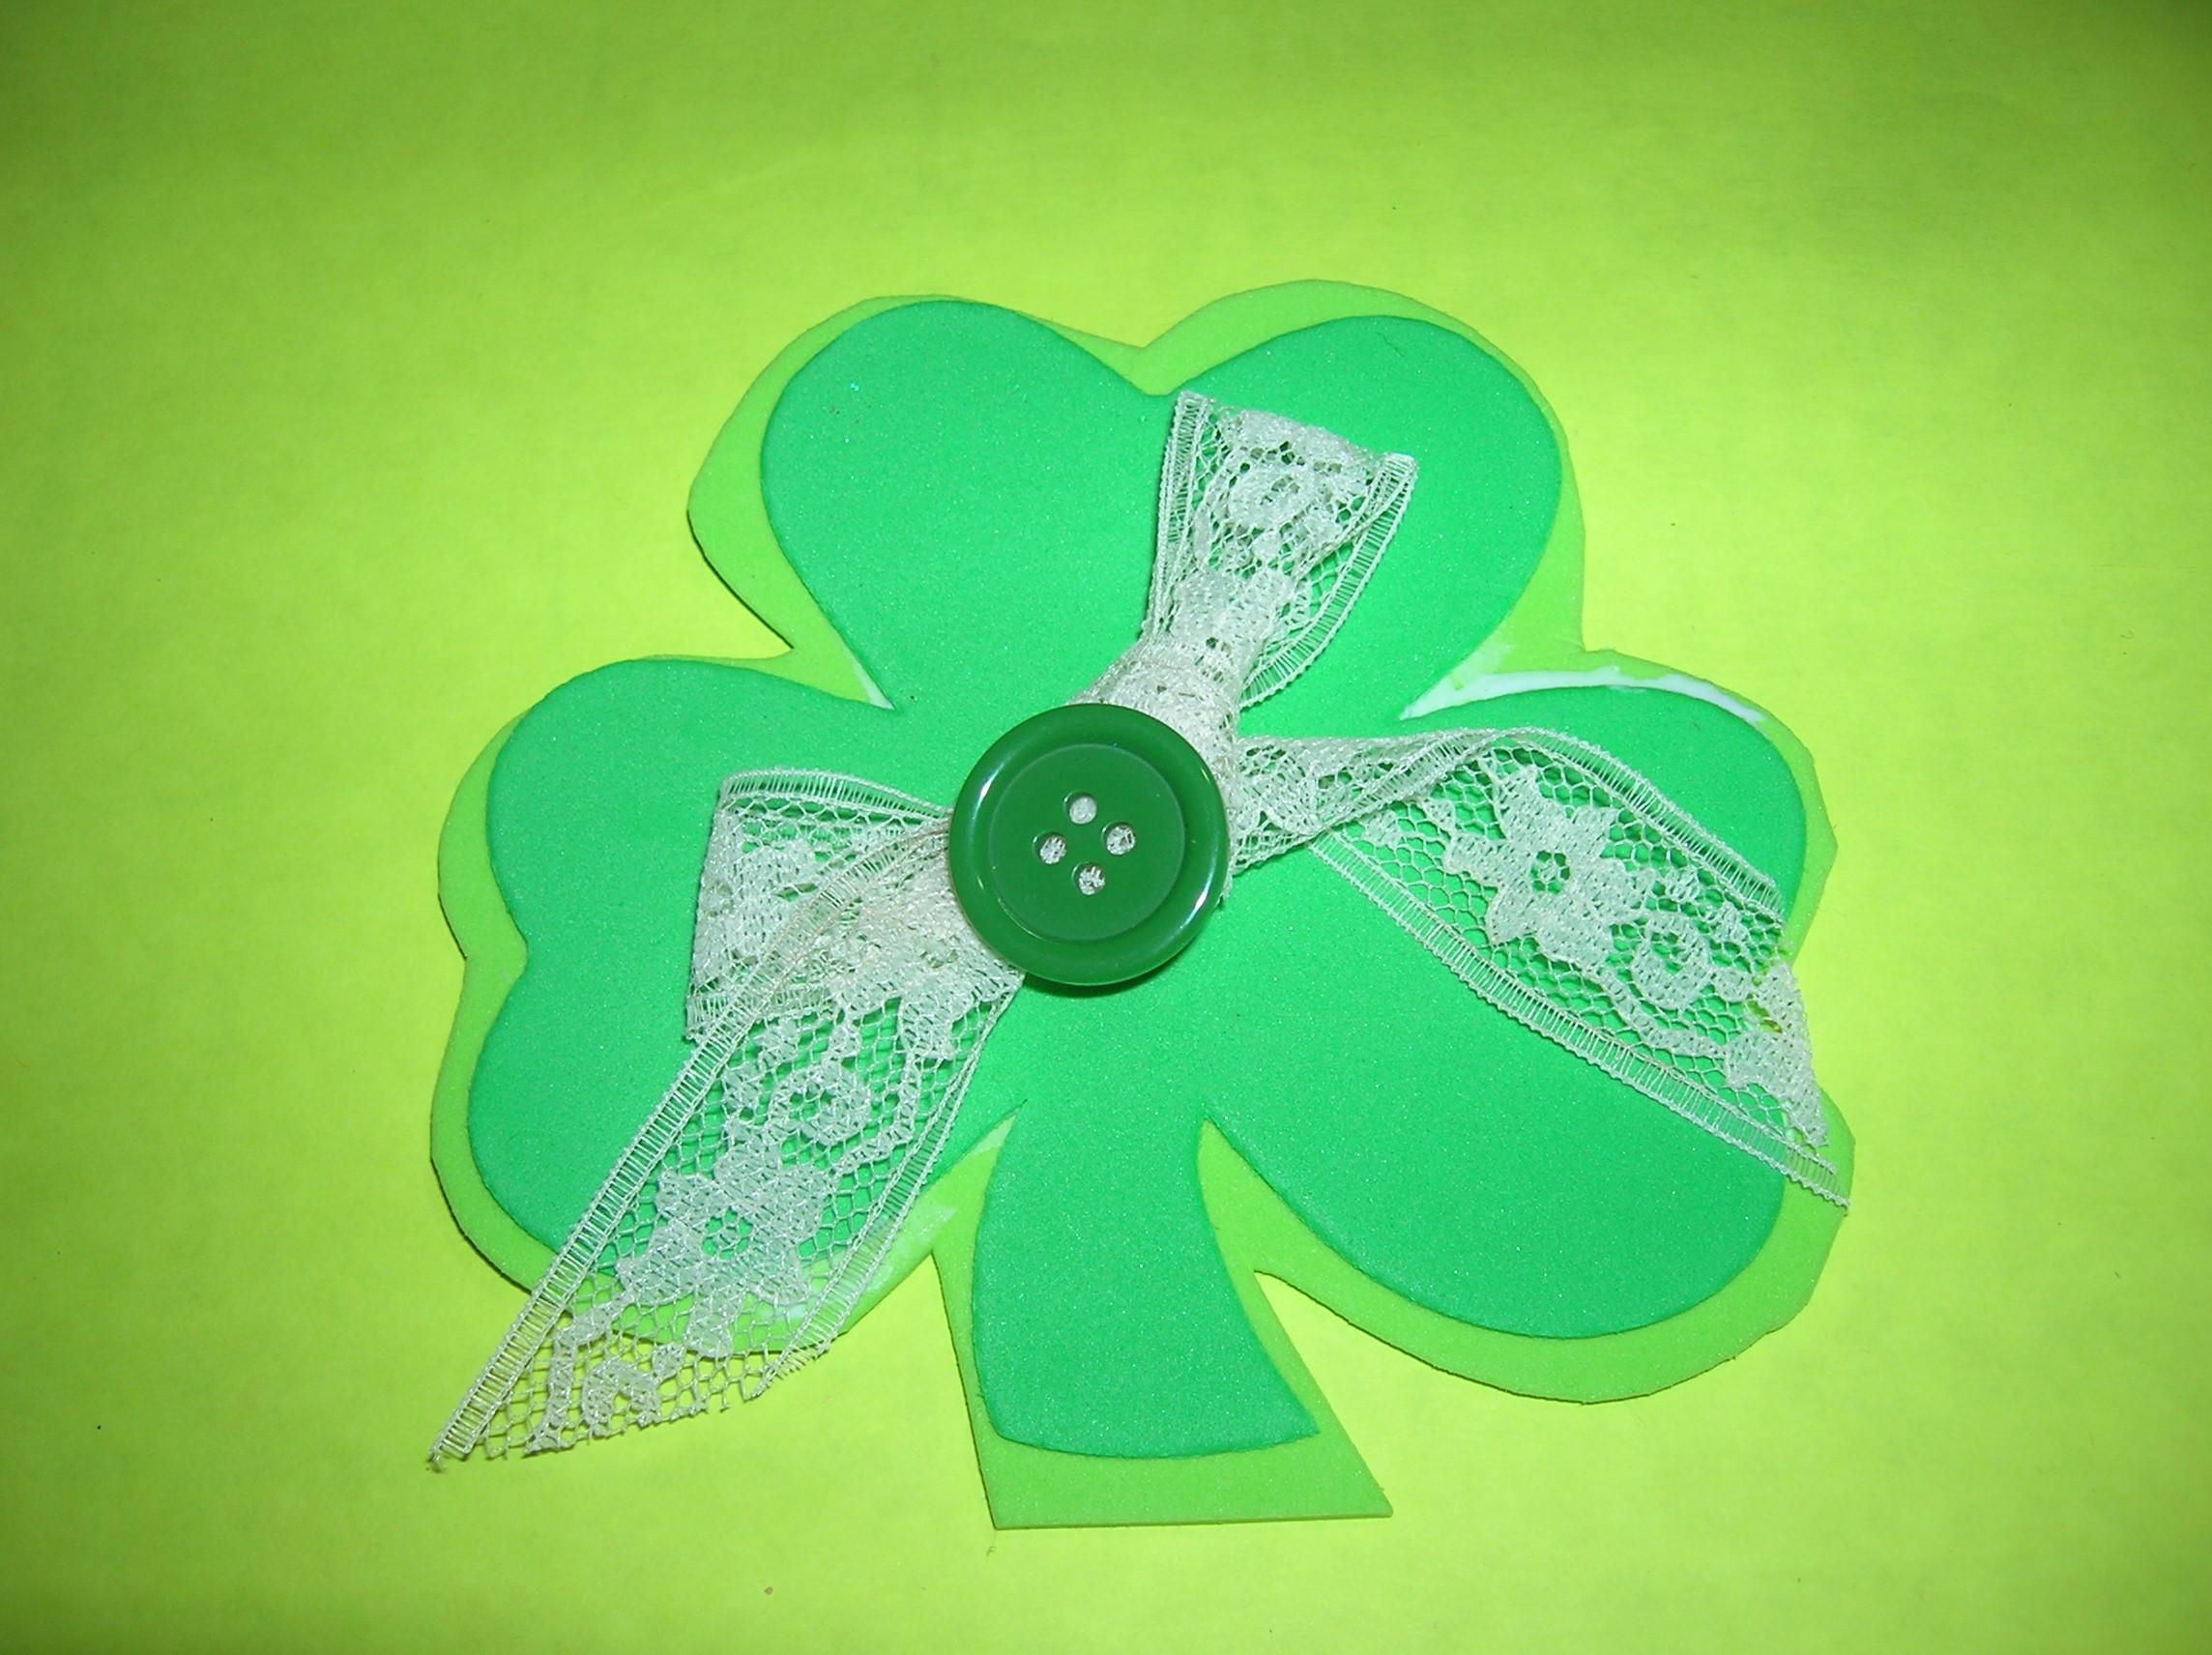 foam it green instructions